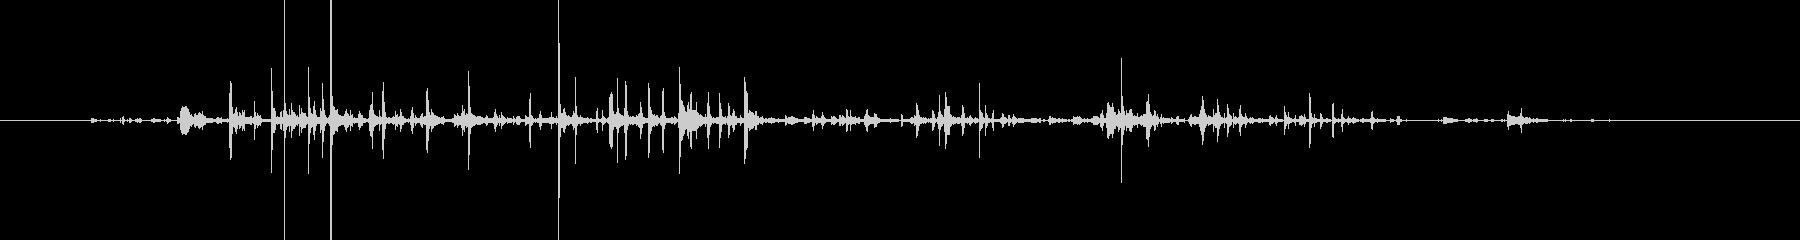 水音42の未再生の波形